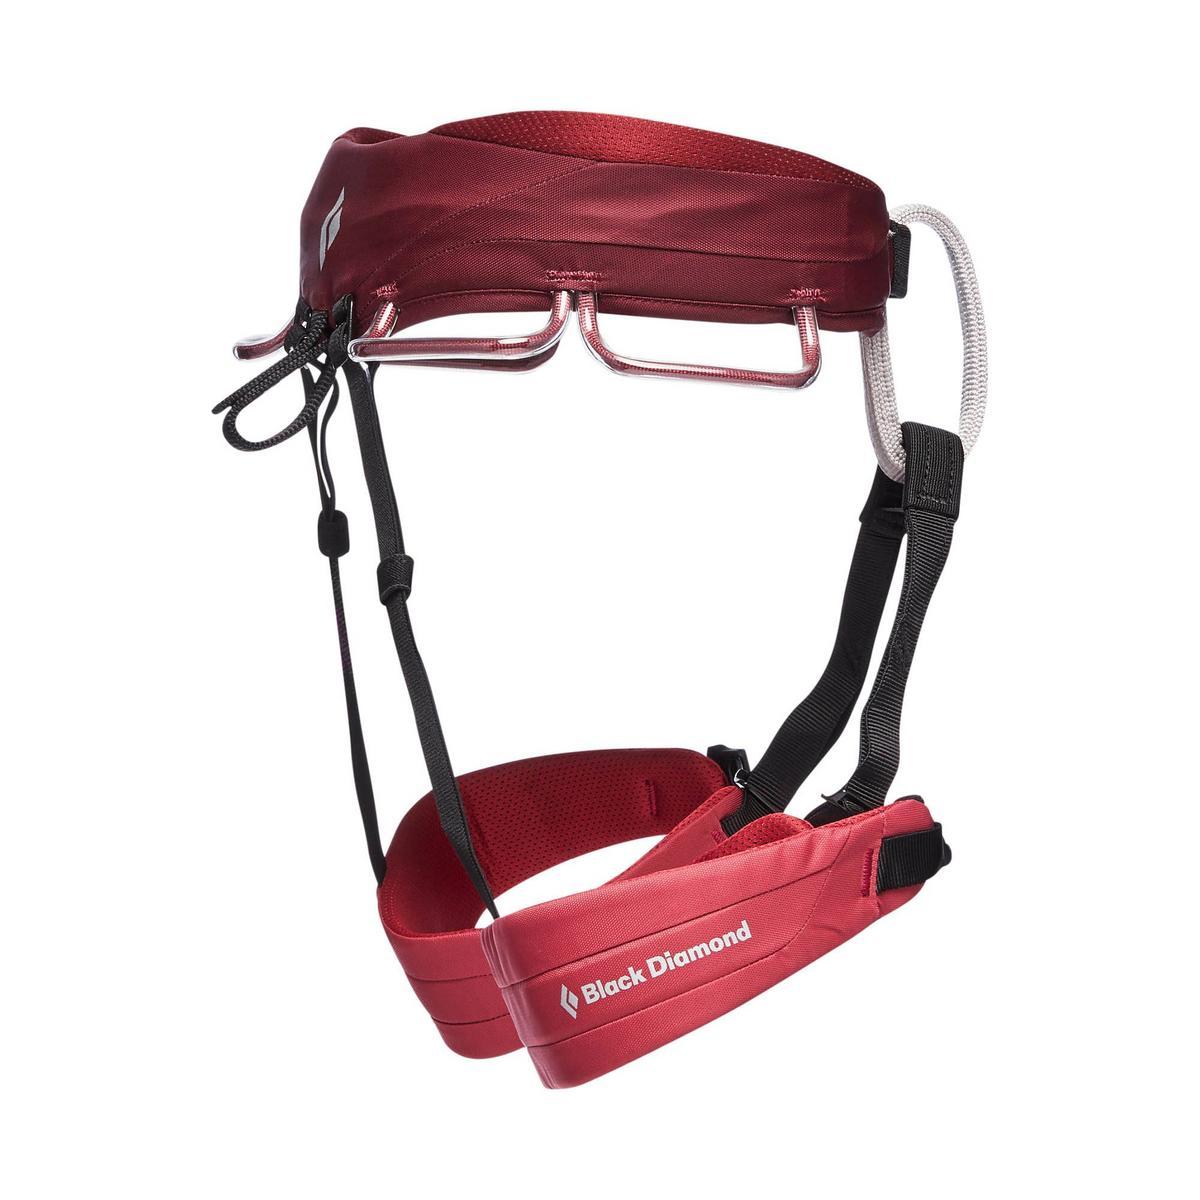 Black Diamond Equipment Women's Black Diamond Equipment Momentum Harness - Red